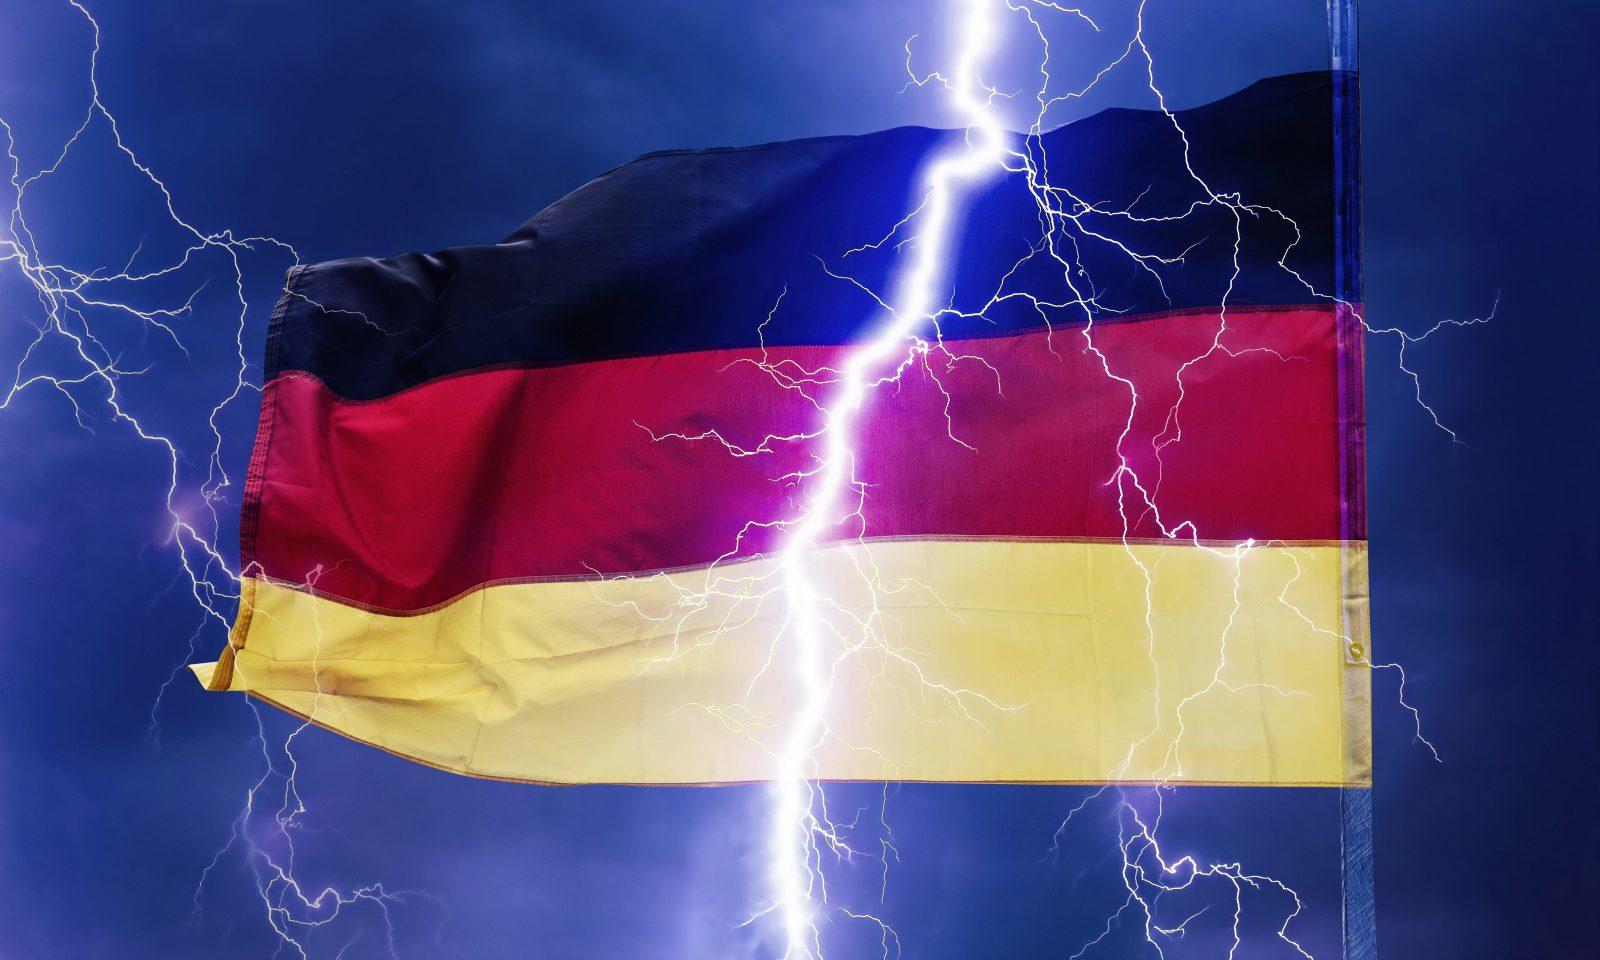 Ein Blitz scheint eine deutsche Flagge in zwei Teile zu spalten.